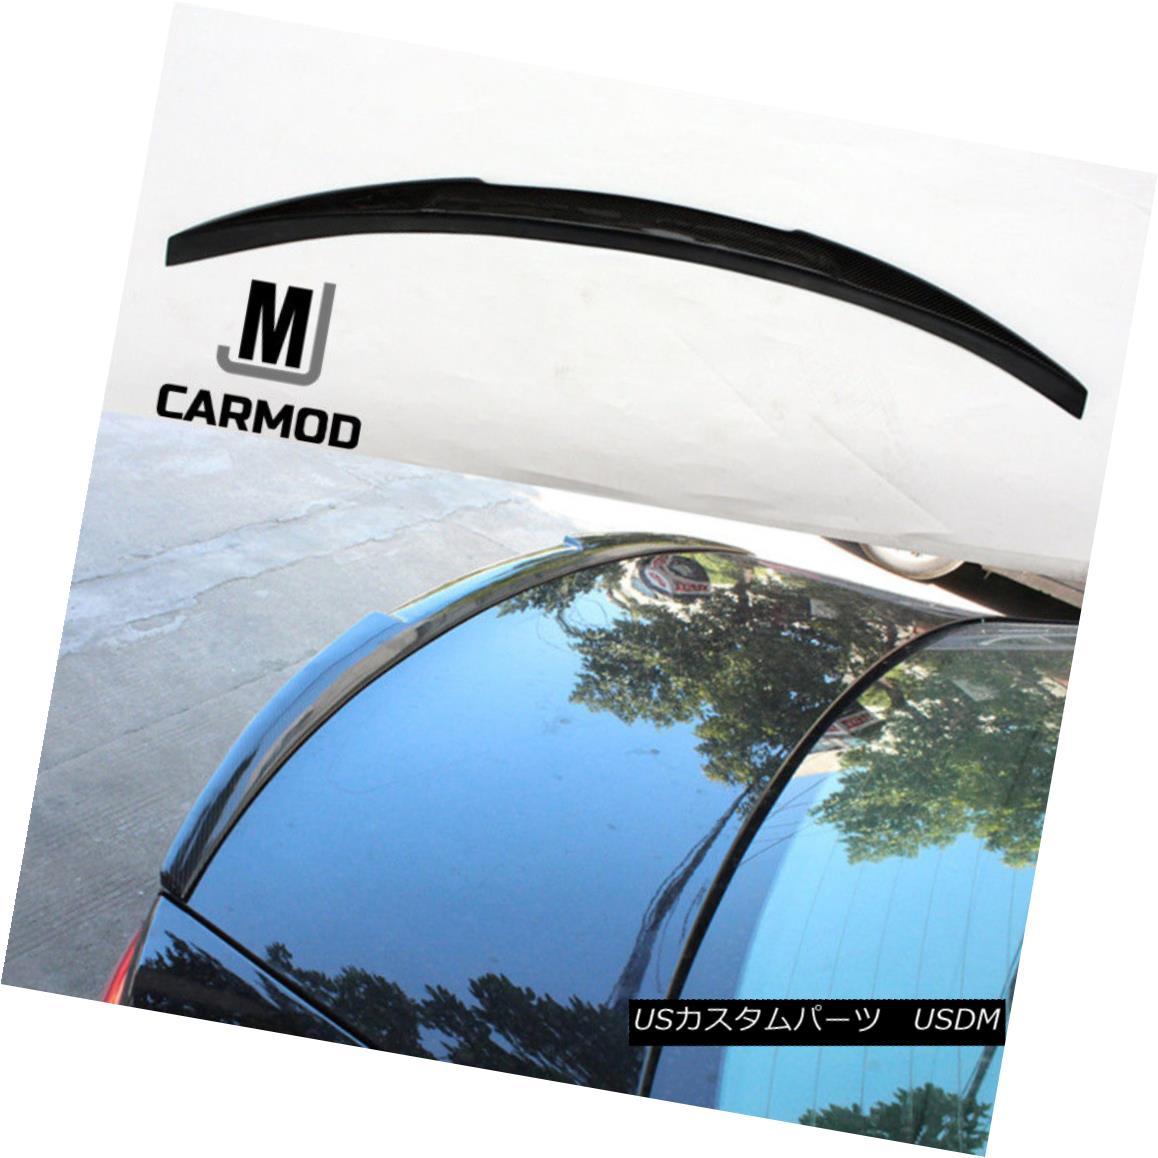 エアロパーツ Fit For Audi A6 Sedan 2012-17 Real Carbon Fiber Rear Wing Trunk Spoiler M4 Type アウディA6セダン用フィット2012-17リアルカーボンファイバーリアウイングトランクスポイラーM4タイプ